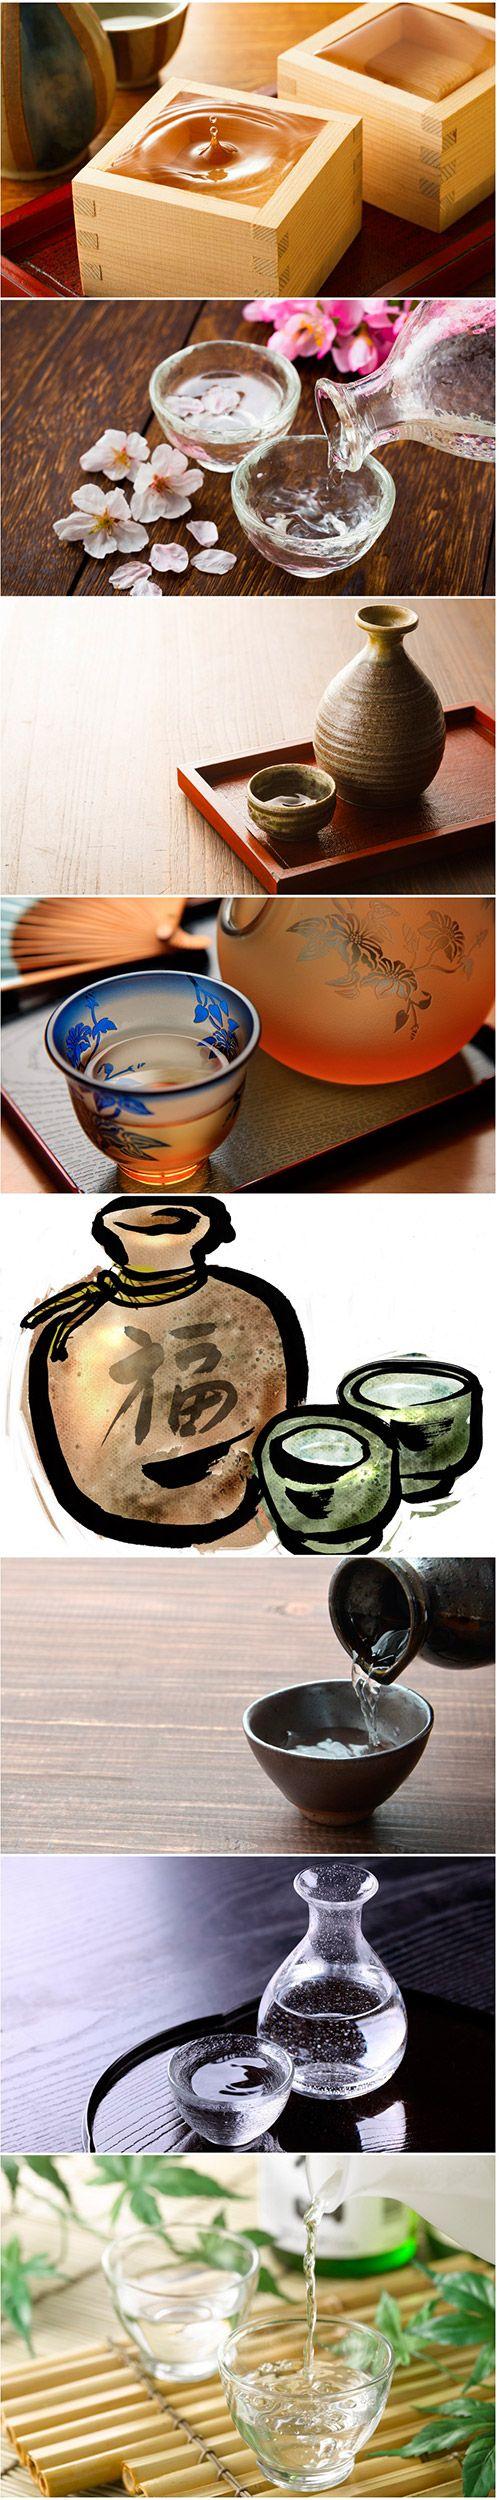 Sake - 8UHQ JPEG